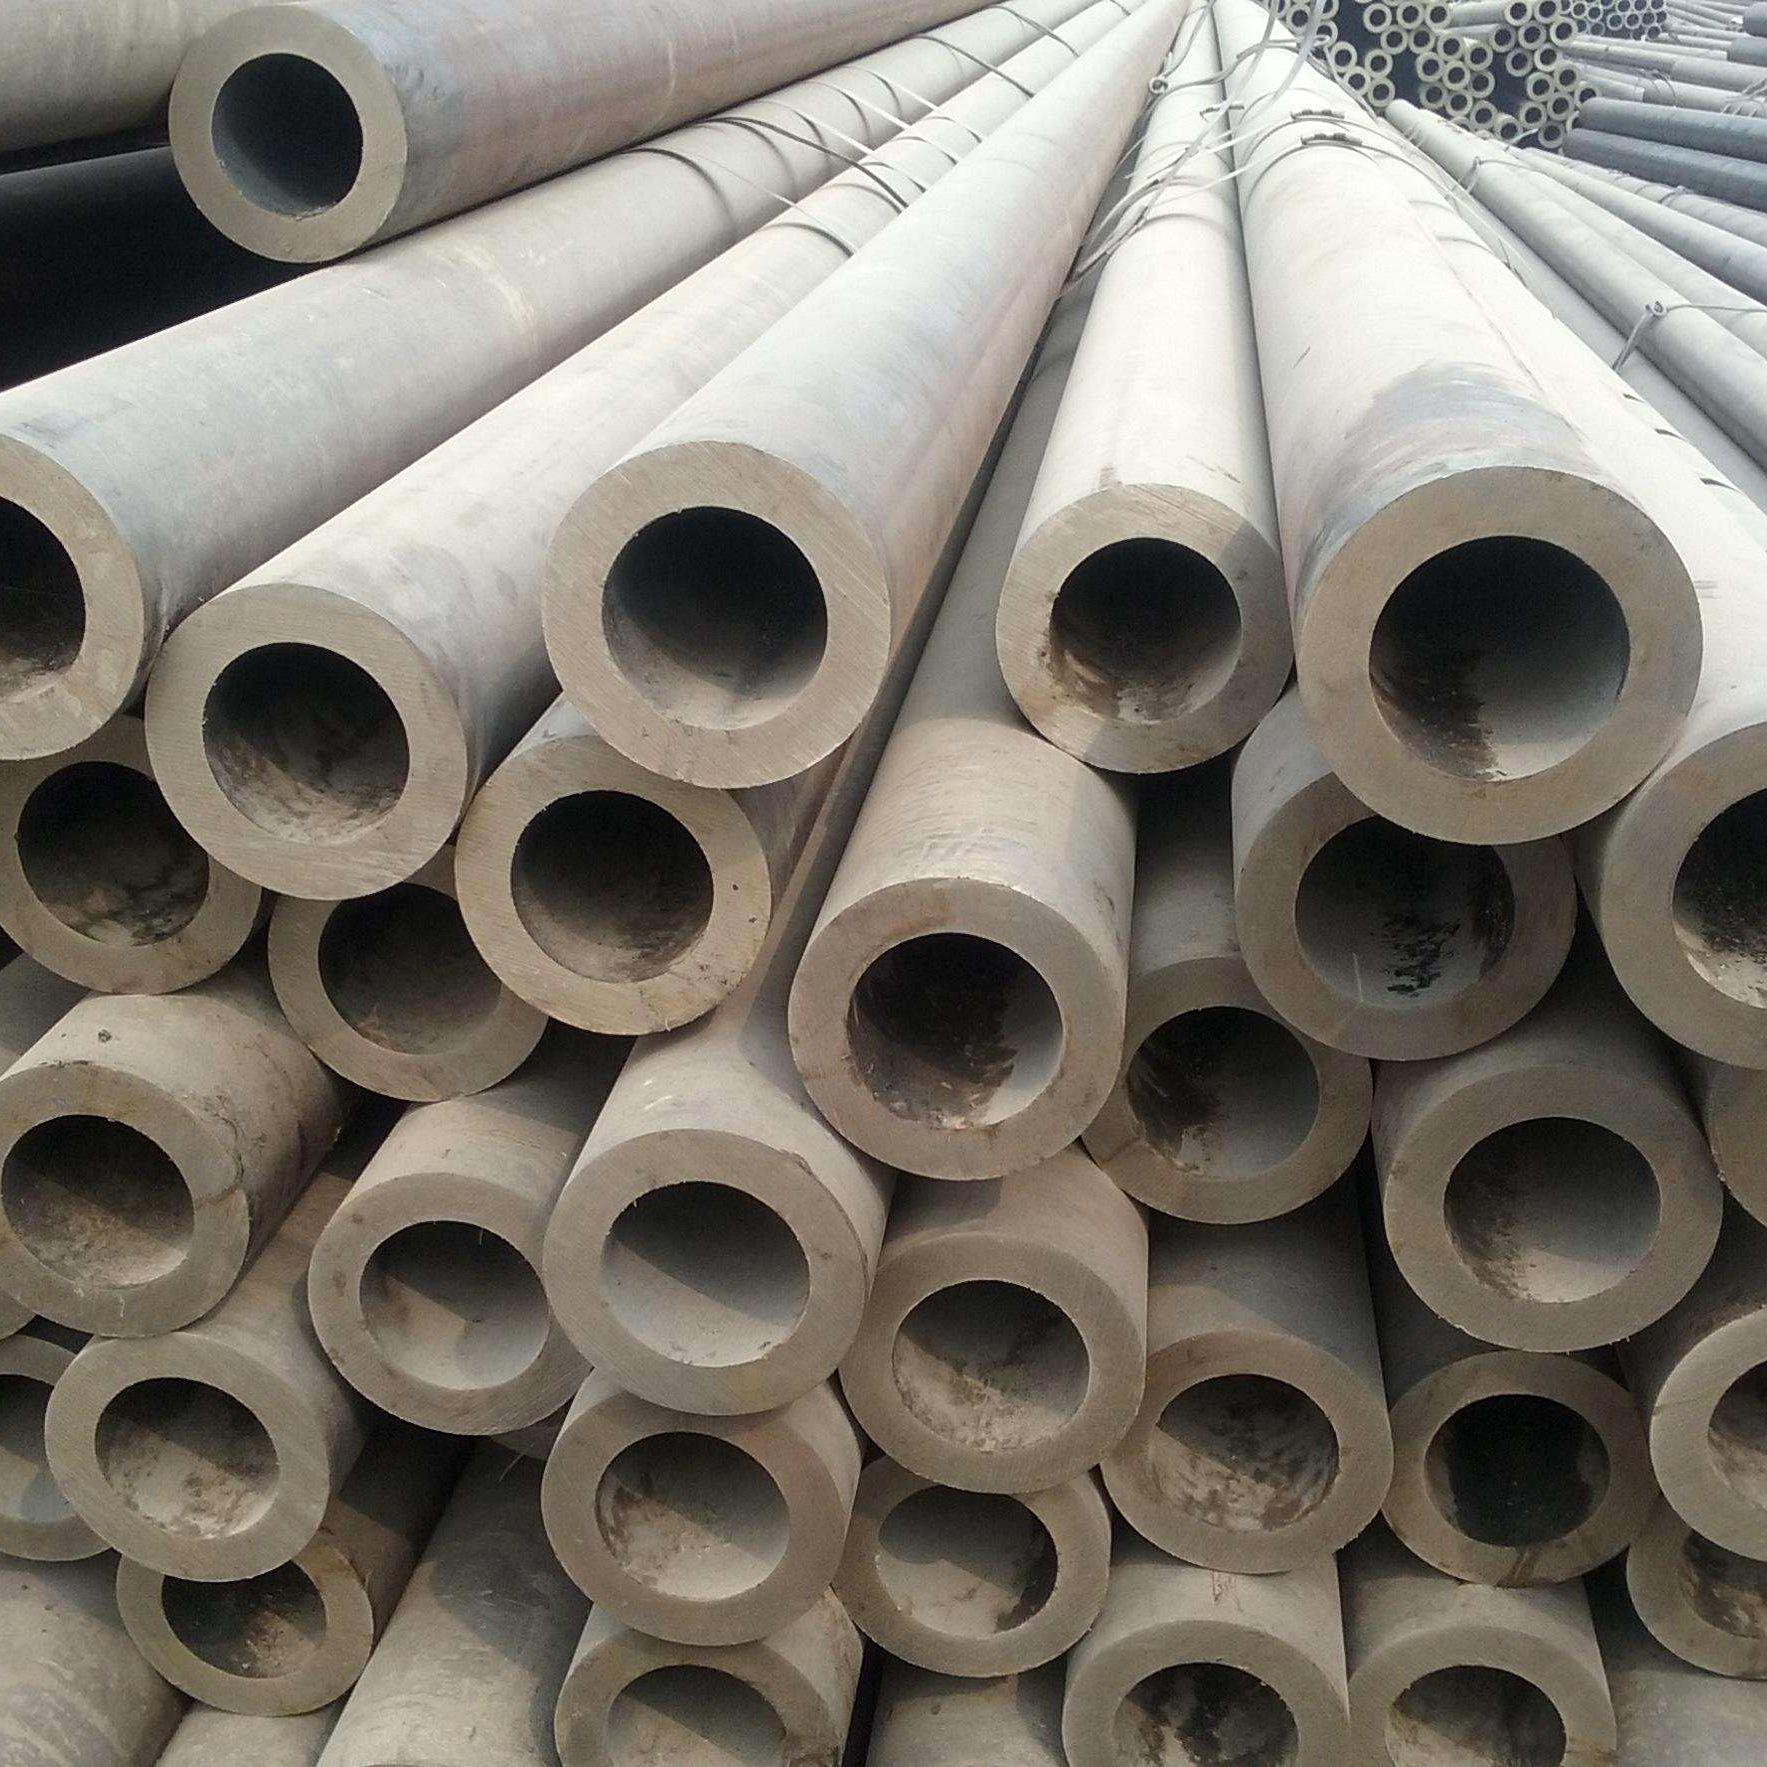 Cán nguội Nhà máy bán hàng trực tiếp ống liền mạch dày ống liền mạch 720 * 70 ống liền mạch tùy chỉn